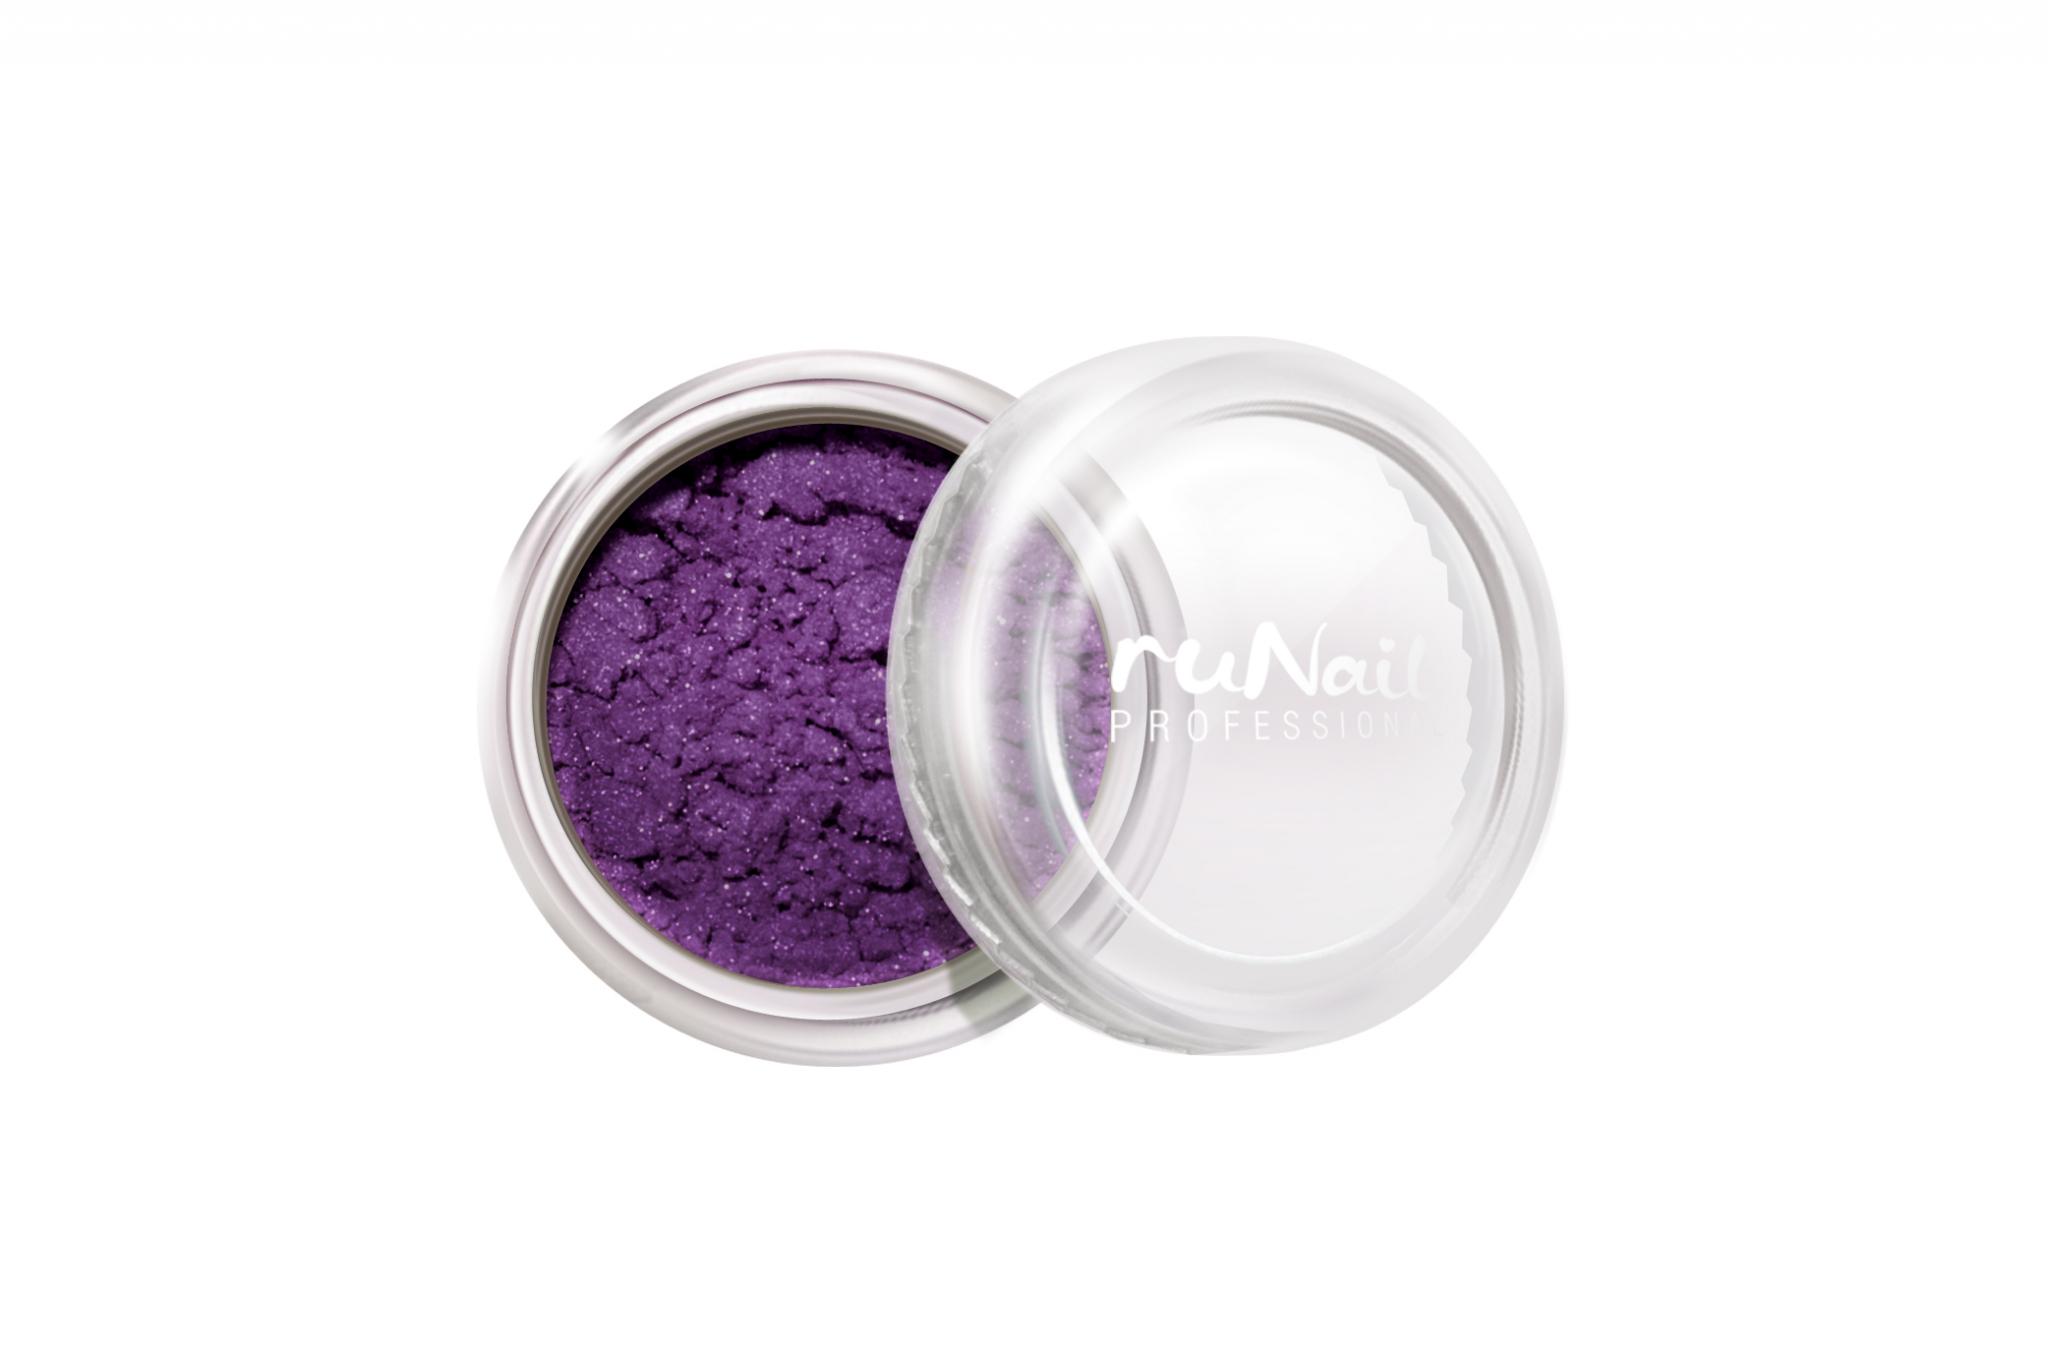 Дизайн для ногтей: пигмент (цвет: фиолетовый) №1159